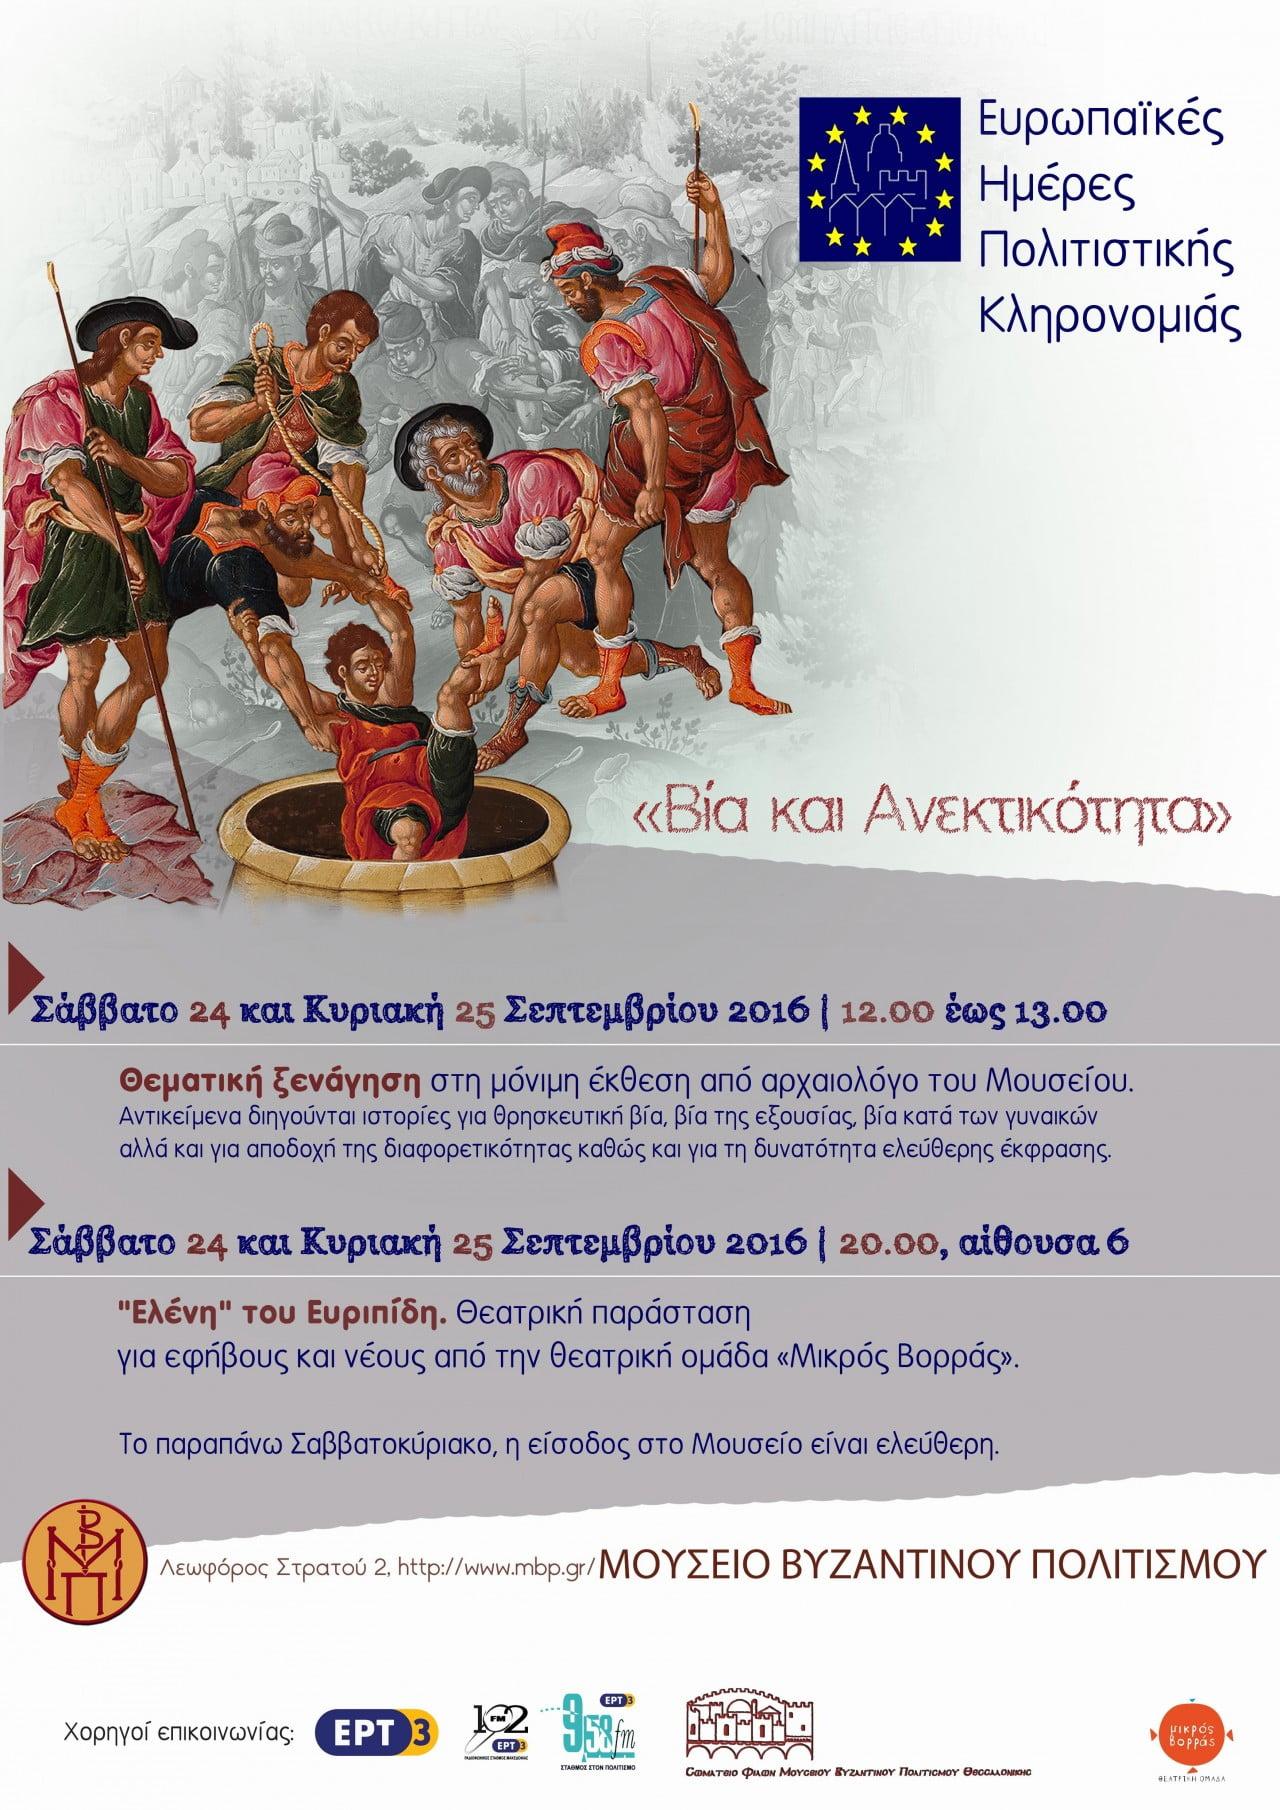 AFISA-EHPK-2016_ΤΕΛ